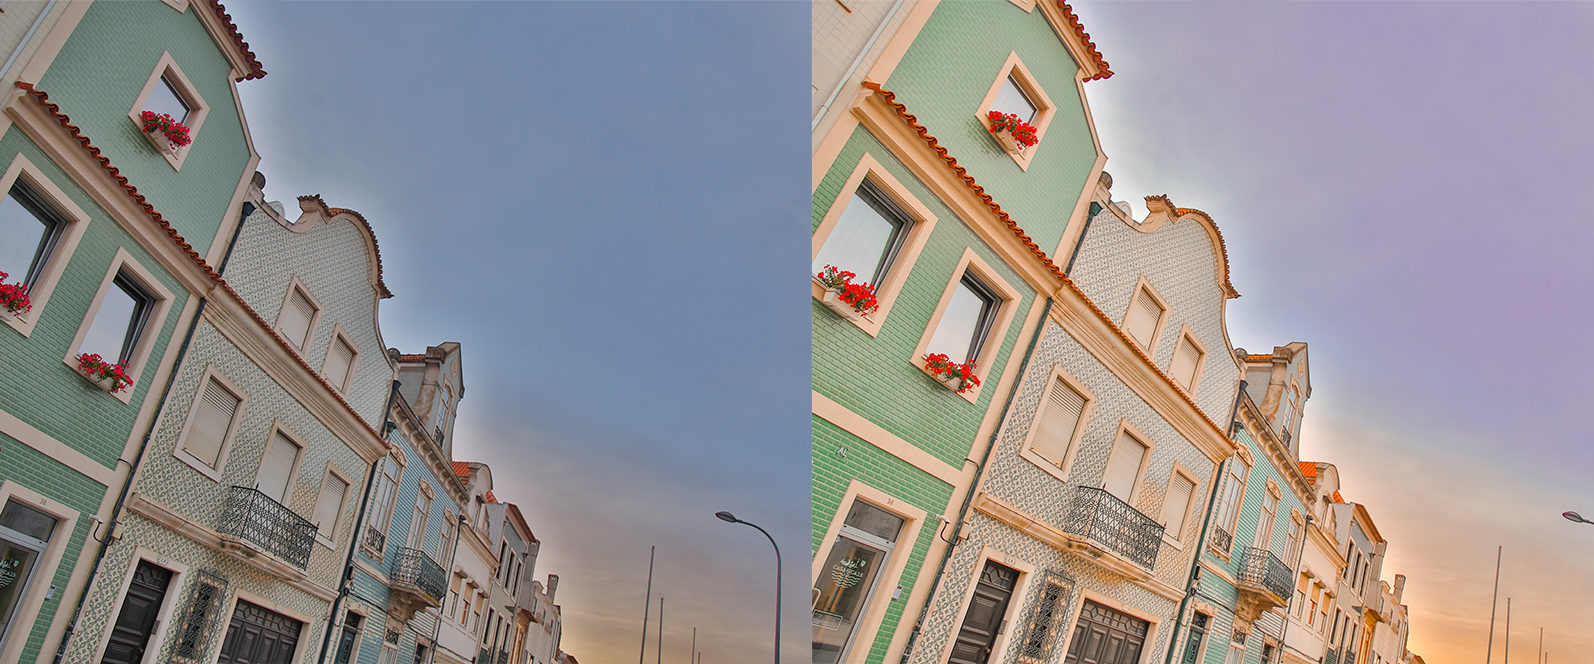 BUNDLE /// 04_Travel Collection // 64 x Desktop and Mobile Presets - Parque Dom Pedro 2 -